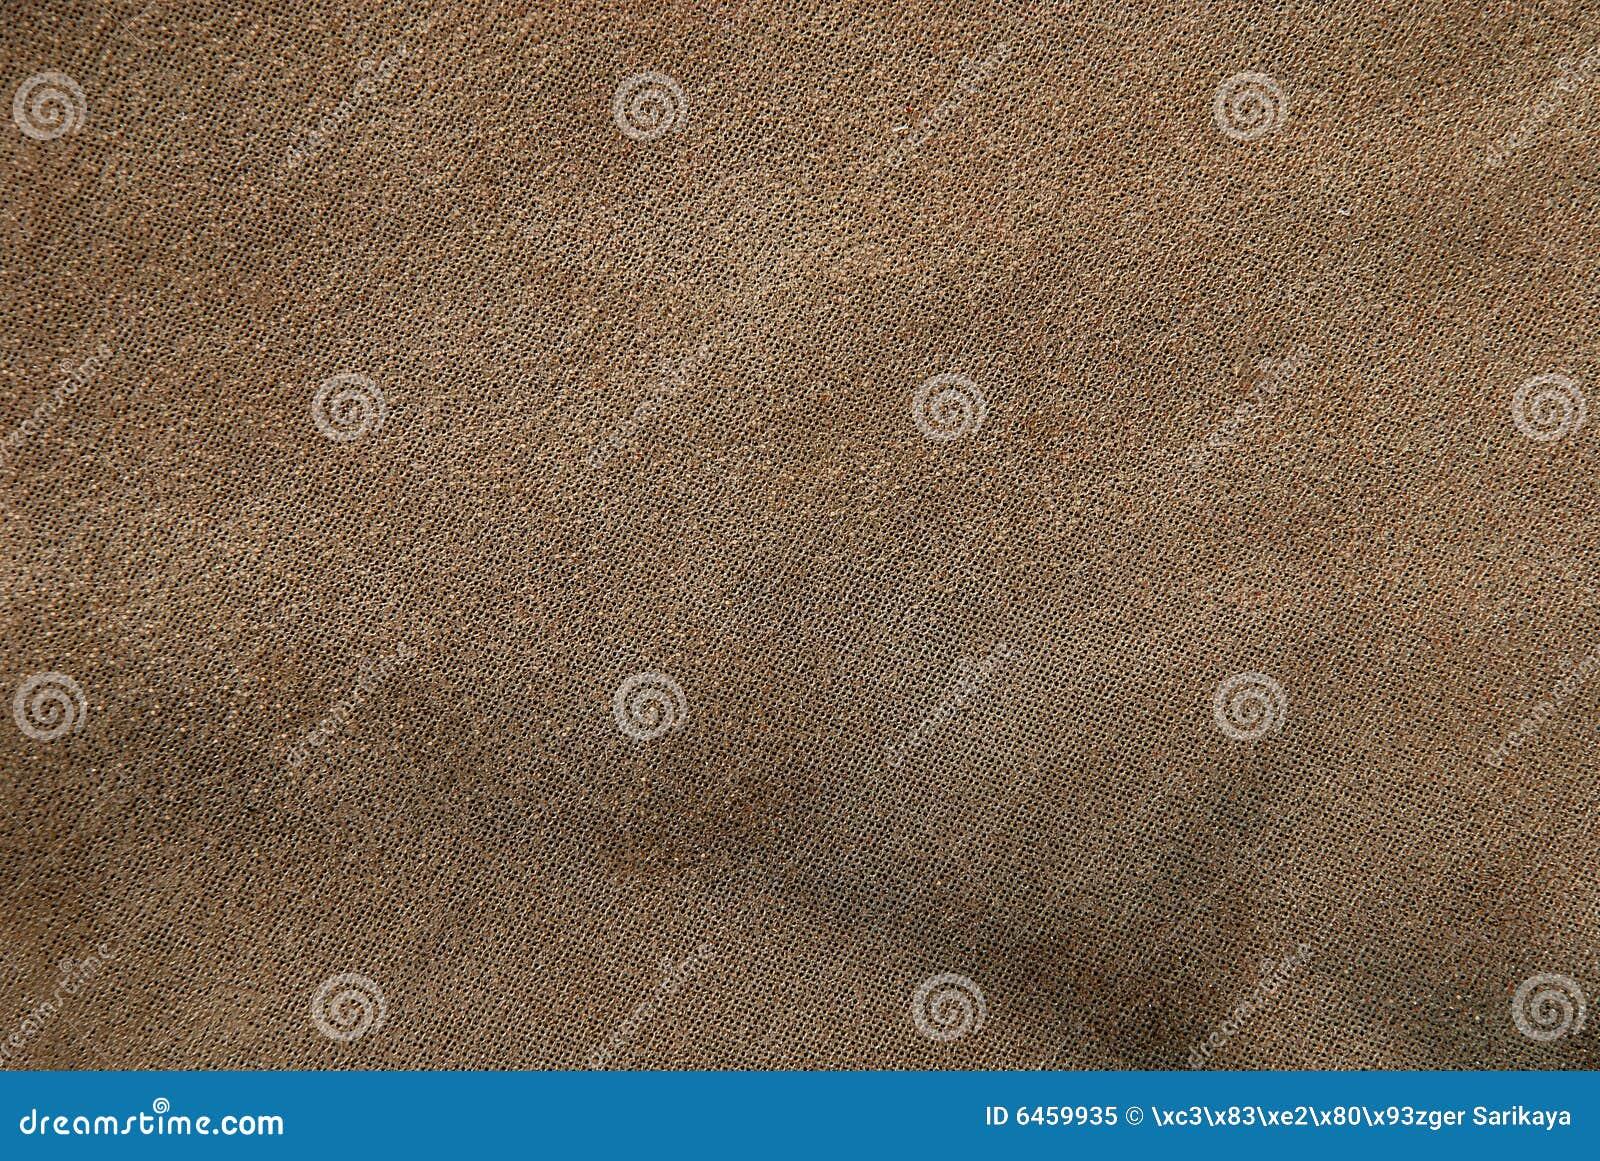 Textura de couro macia